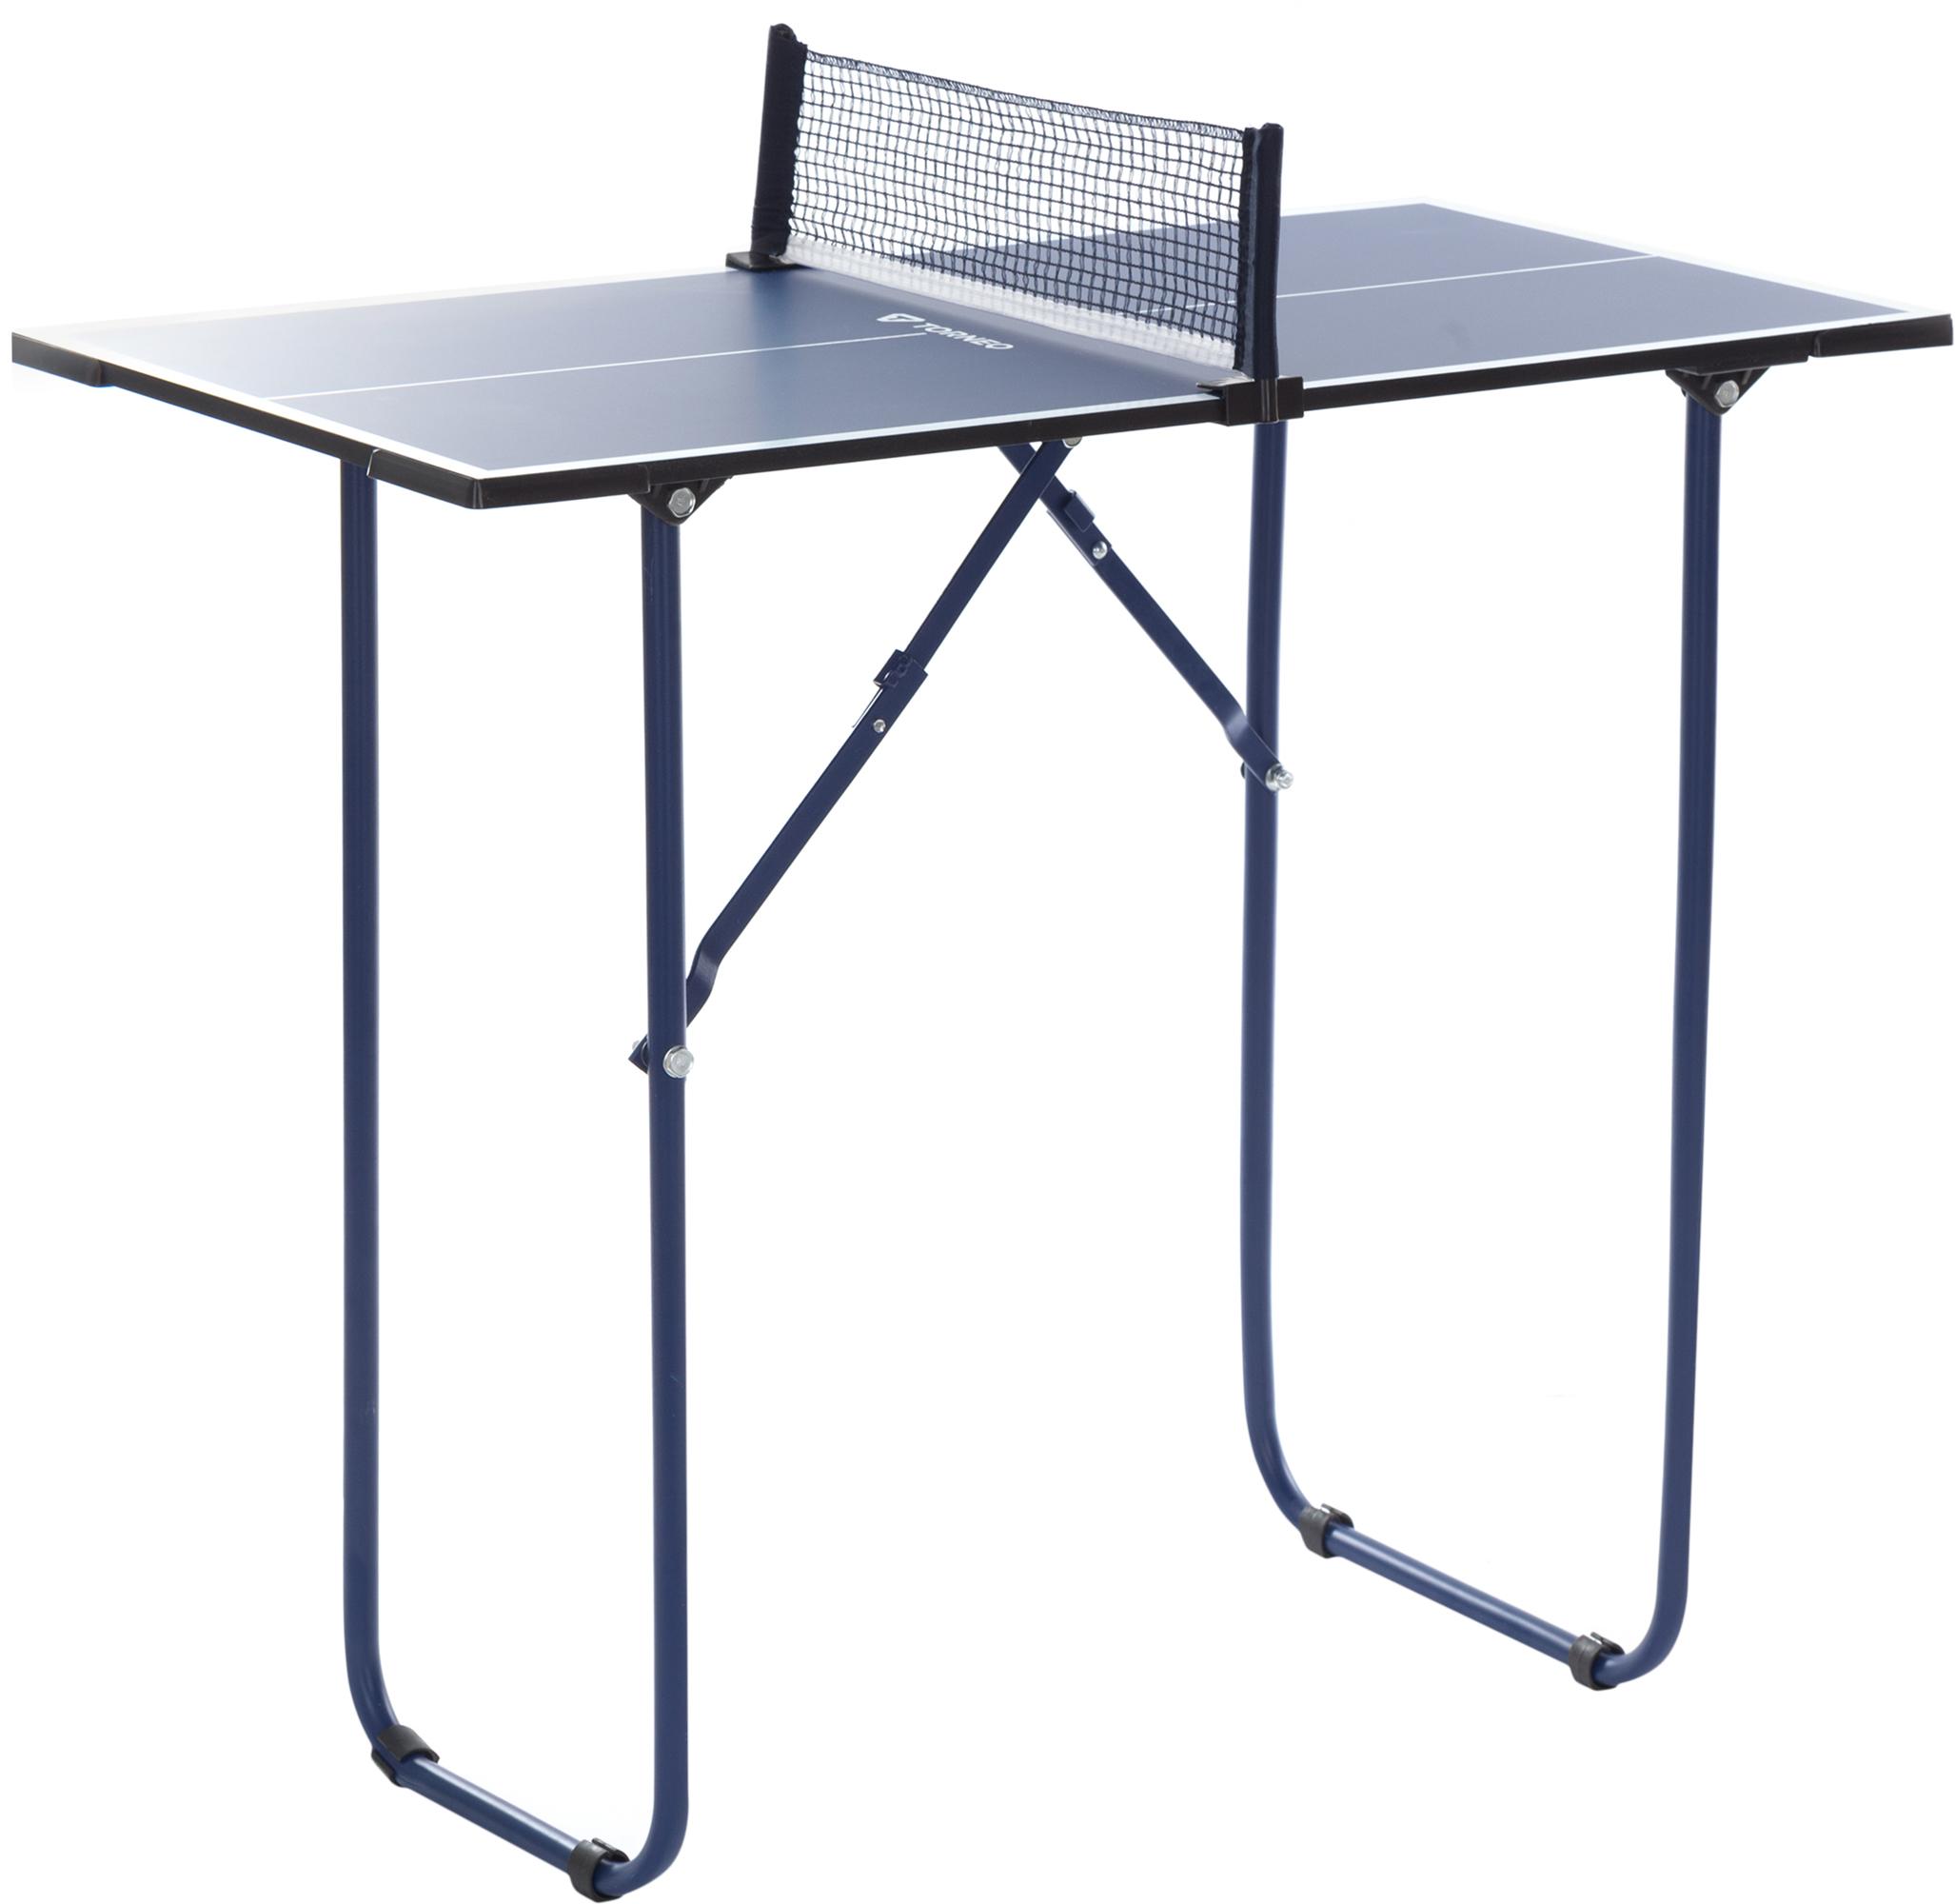 Torneo Теннисный мини-стол для помещений